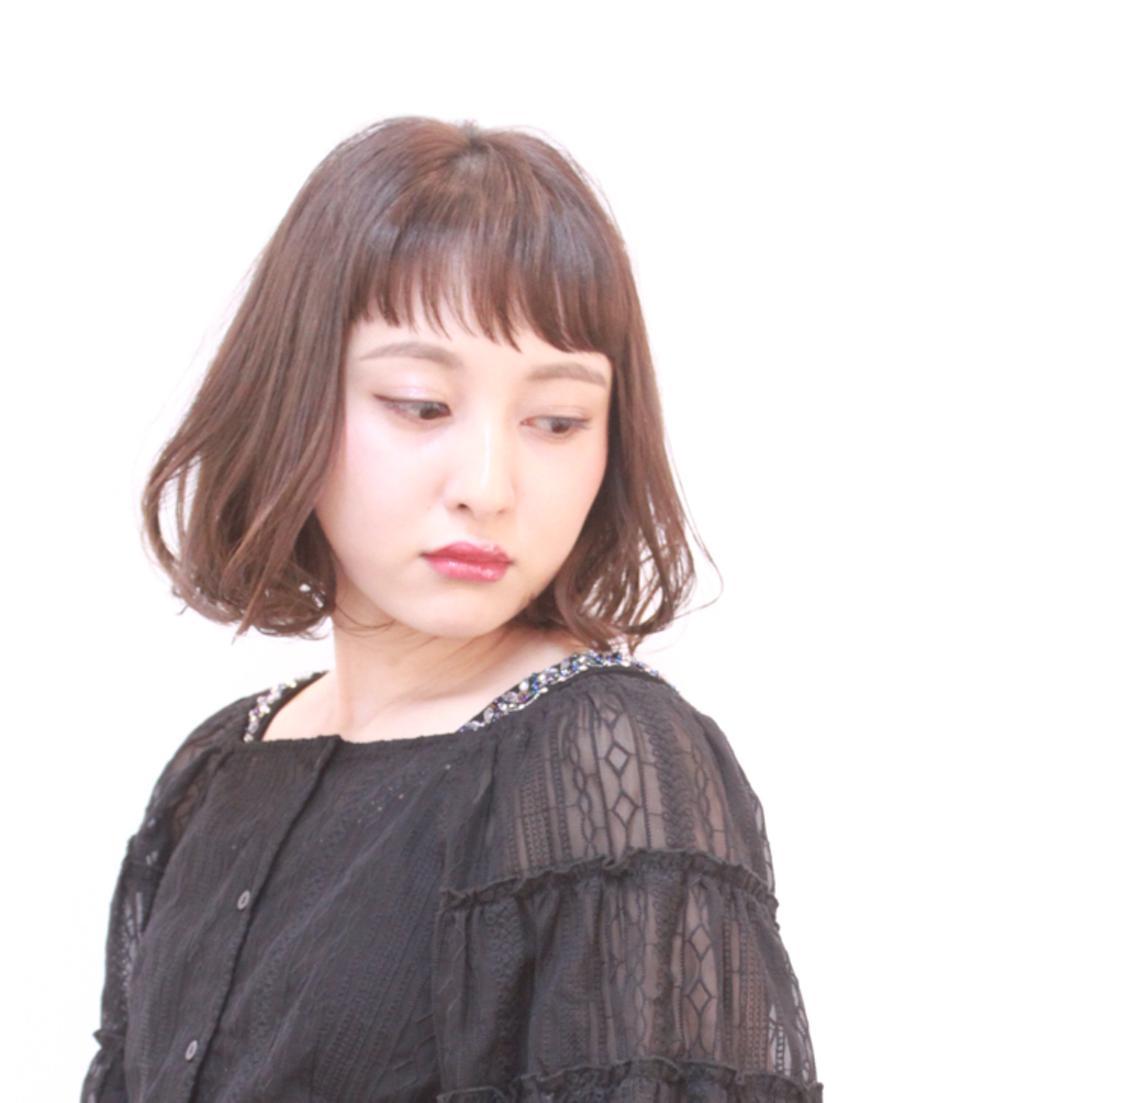 【急募】4月23日日曜日!ミディアムより短いカットのモデルさんを探しています!